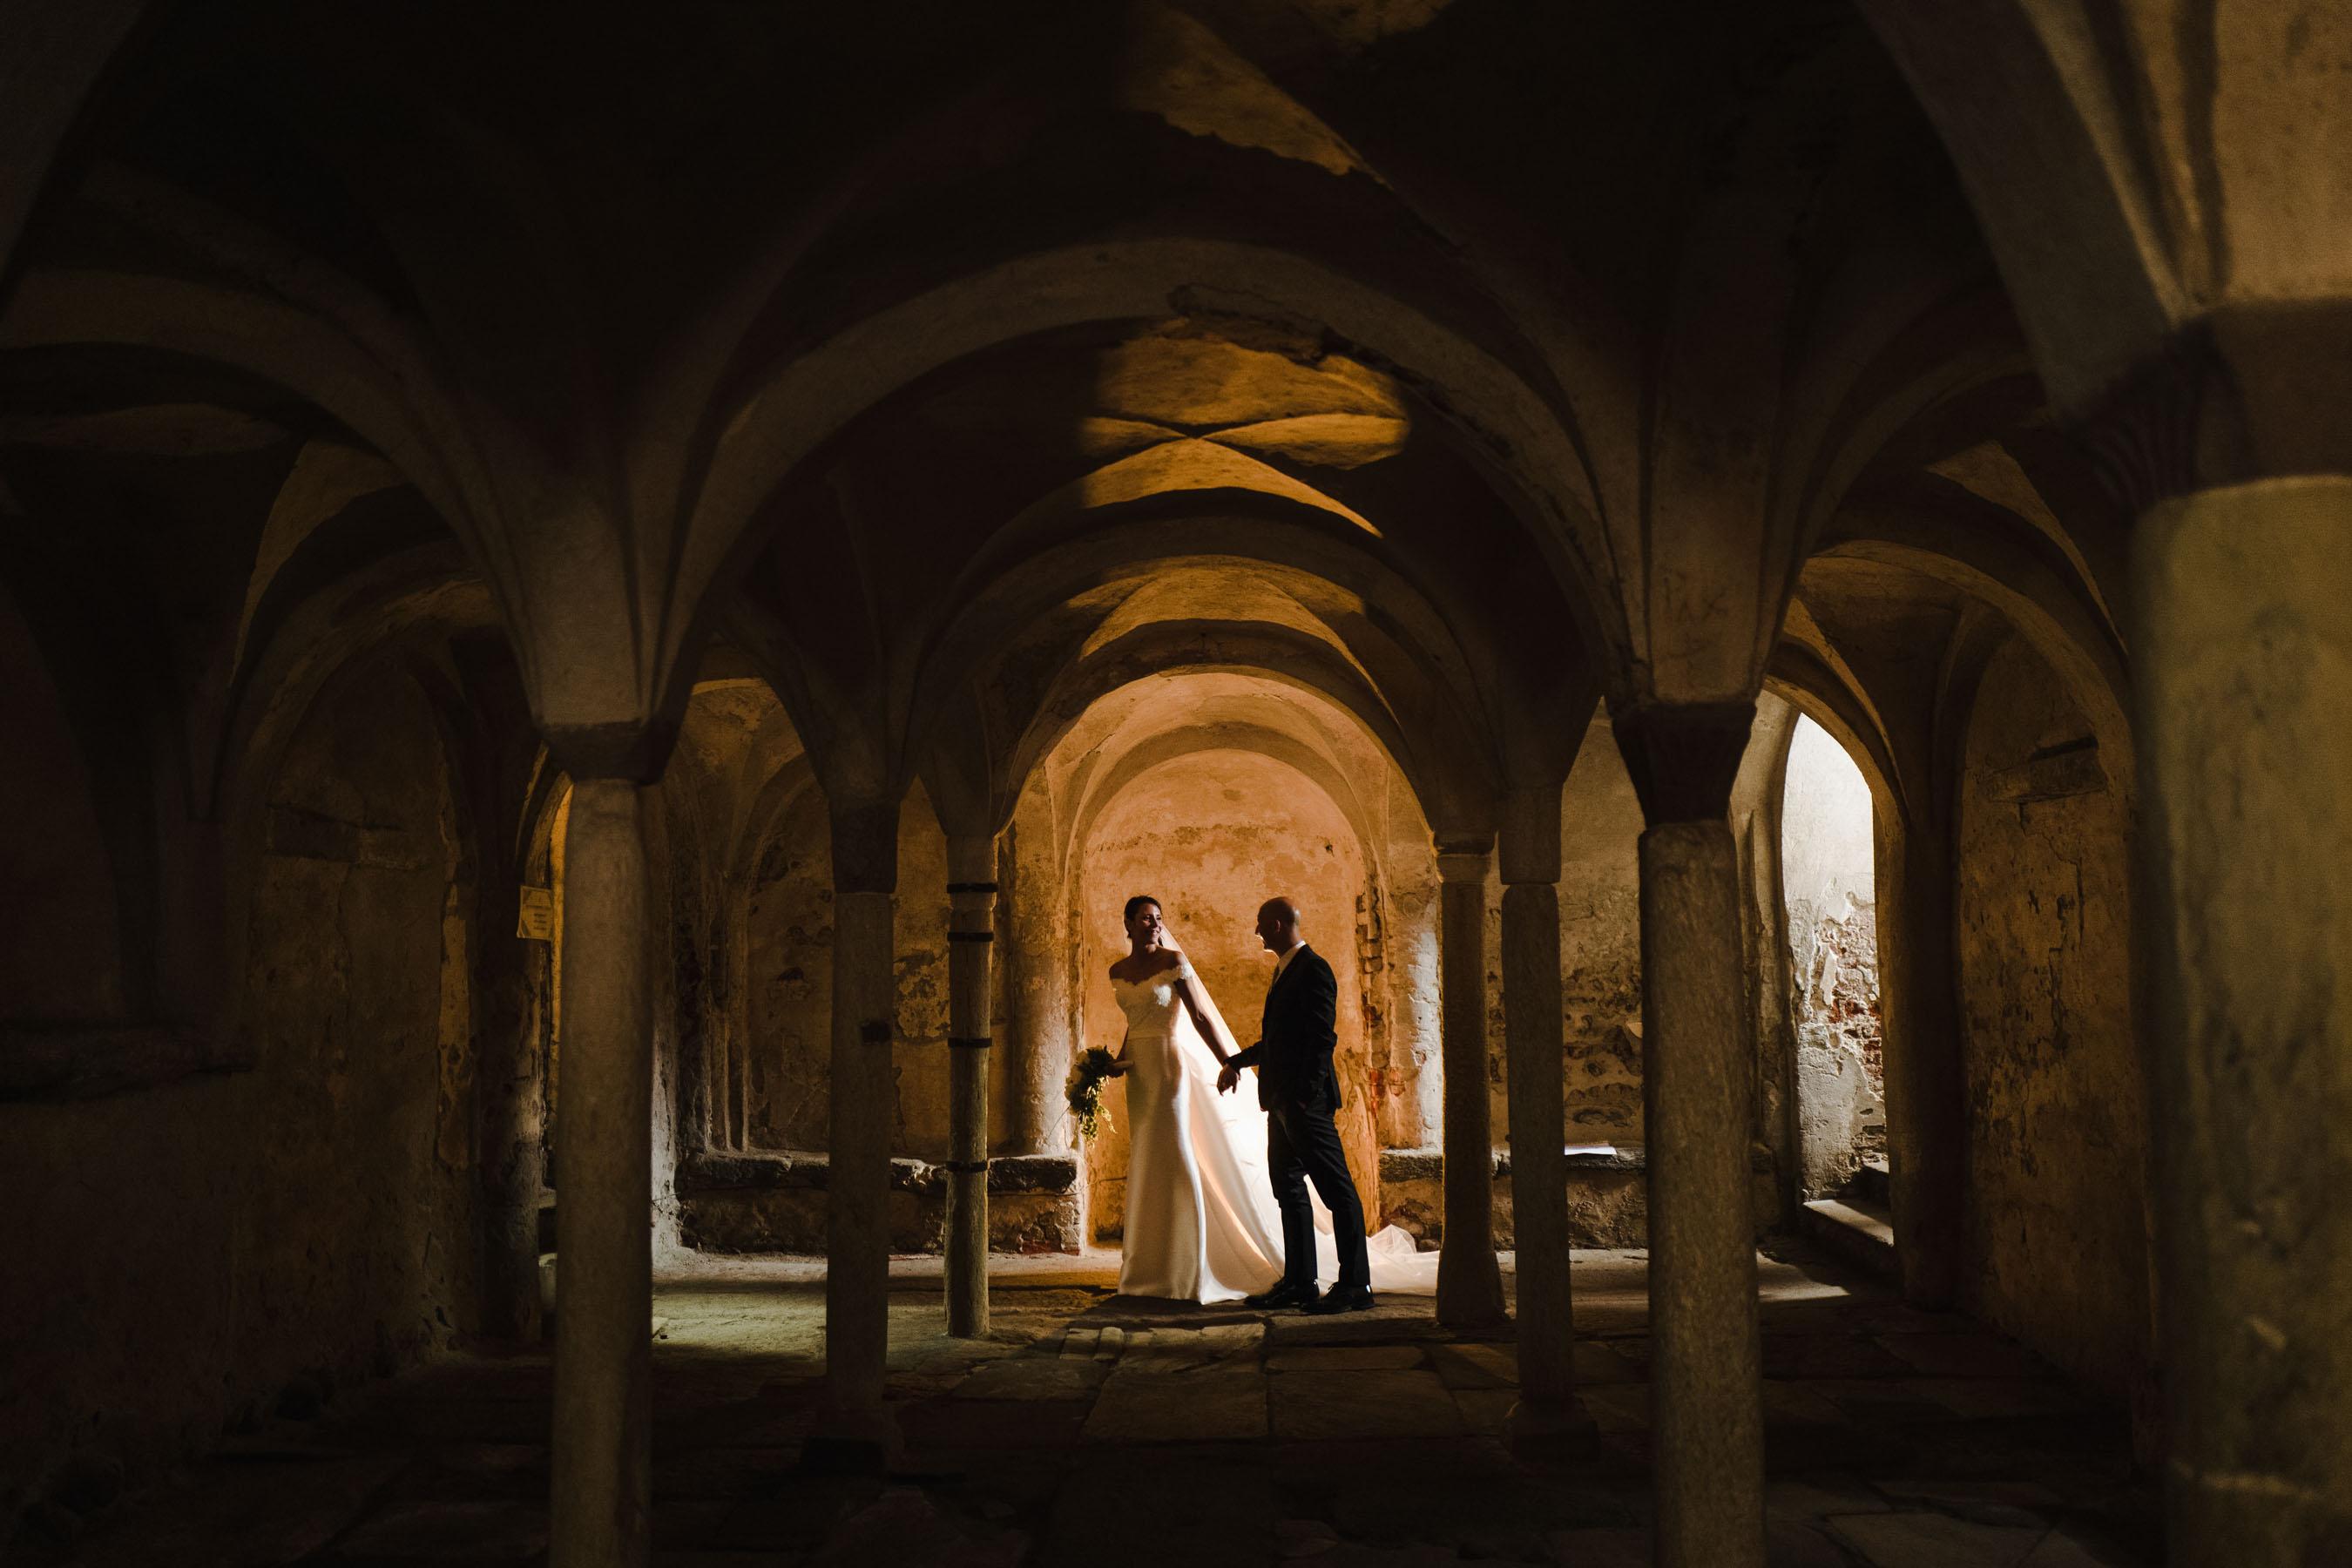 art foto_torino_monica sica photography_la vià _cavour_ fotografo matrimonio_torino-46